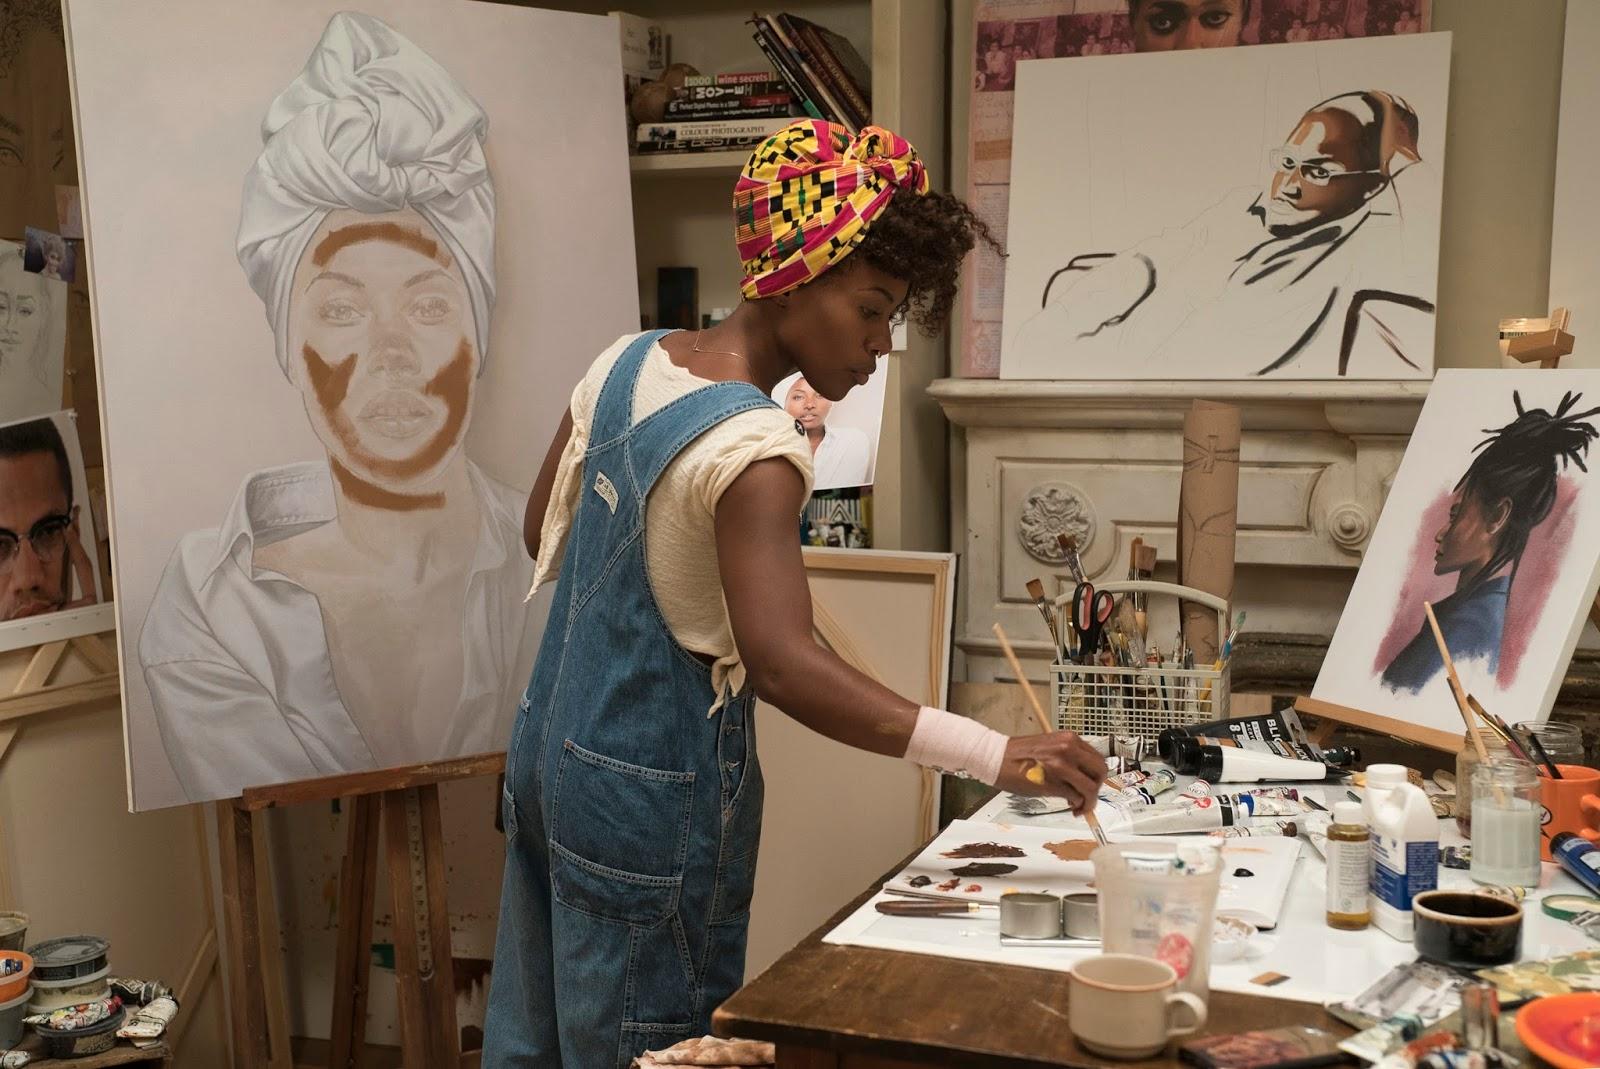 Nola Darling en su taller de pintura en una escena de She's Gotta Have It